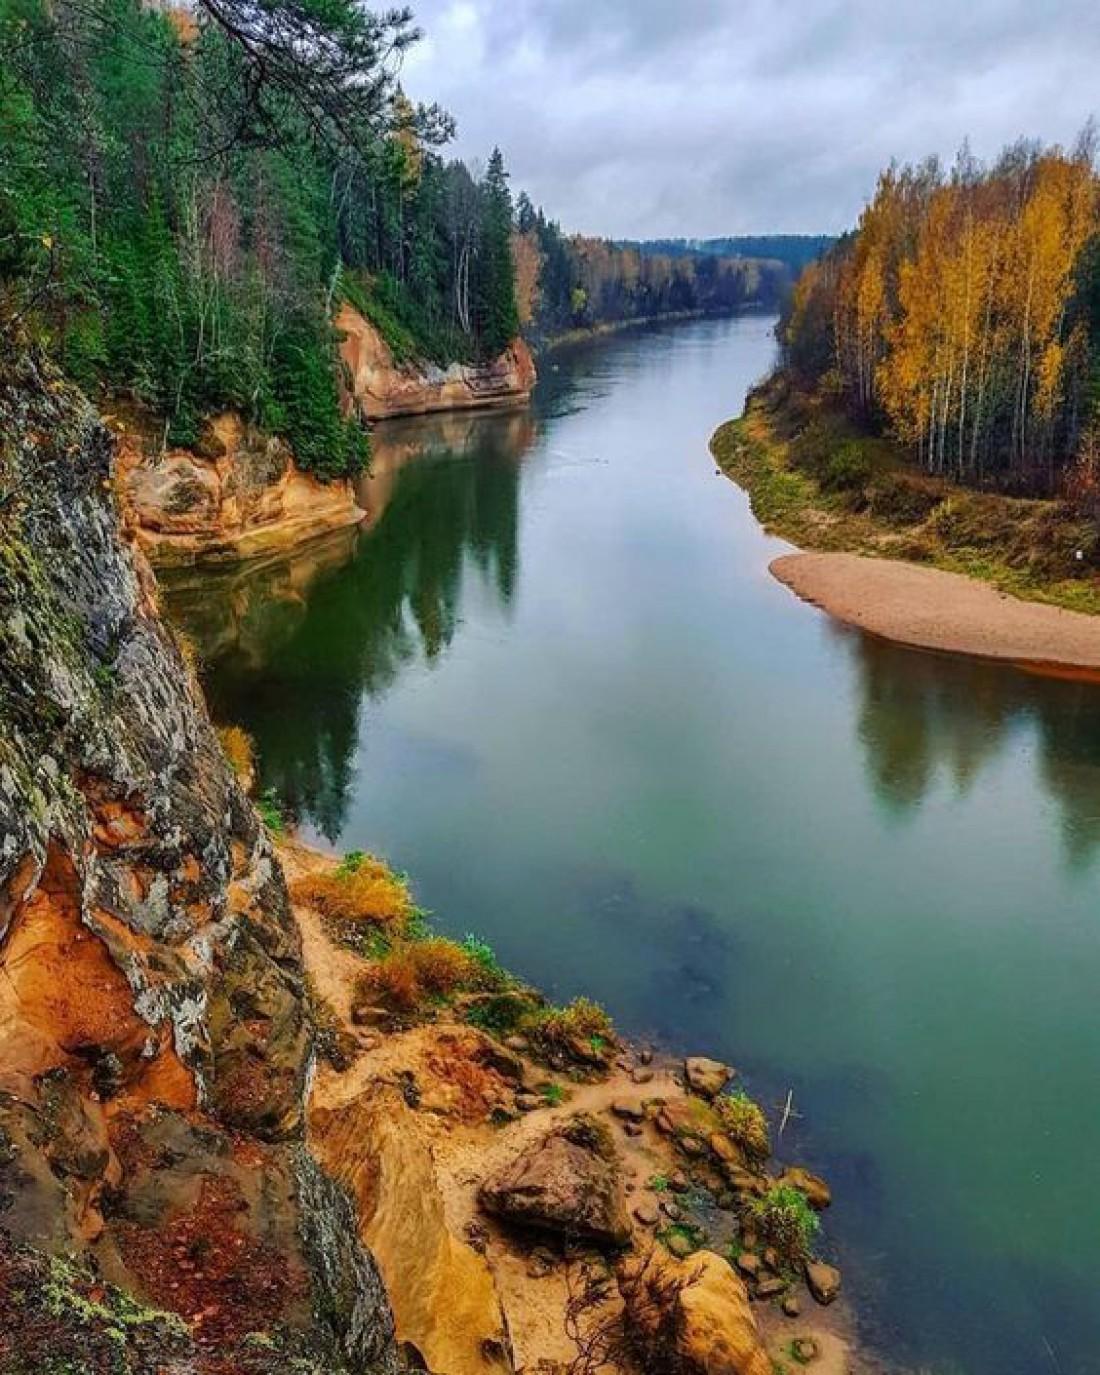 Национальный парк Гауя - крупнейший парк Латвии